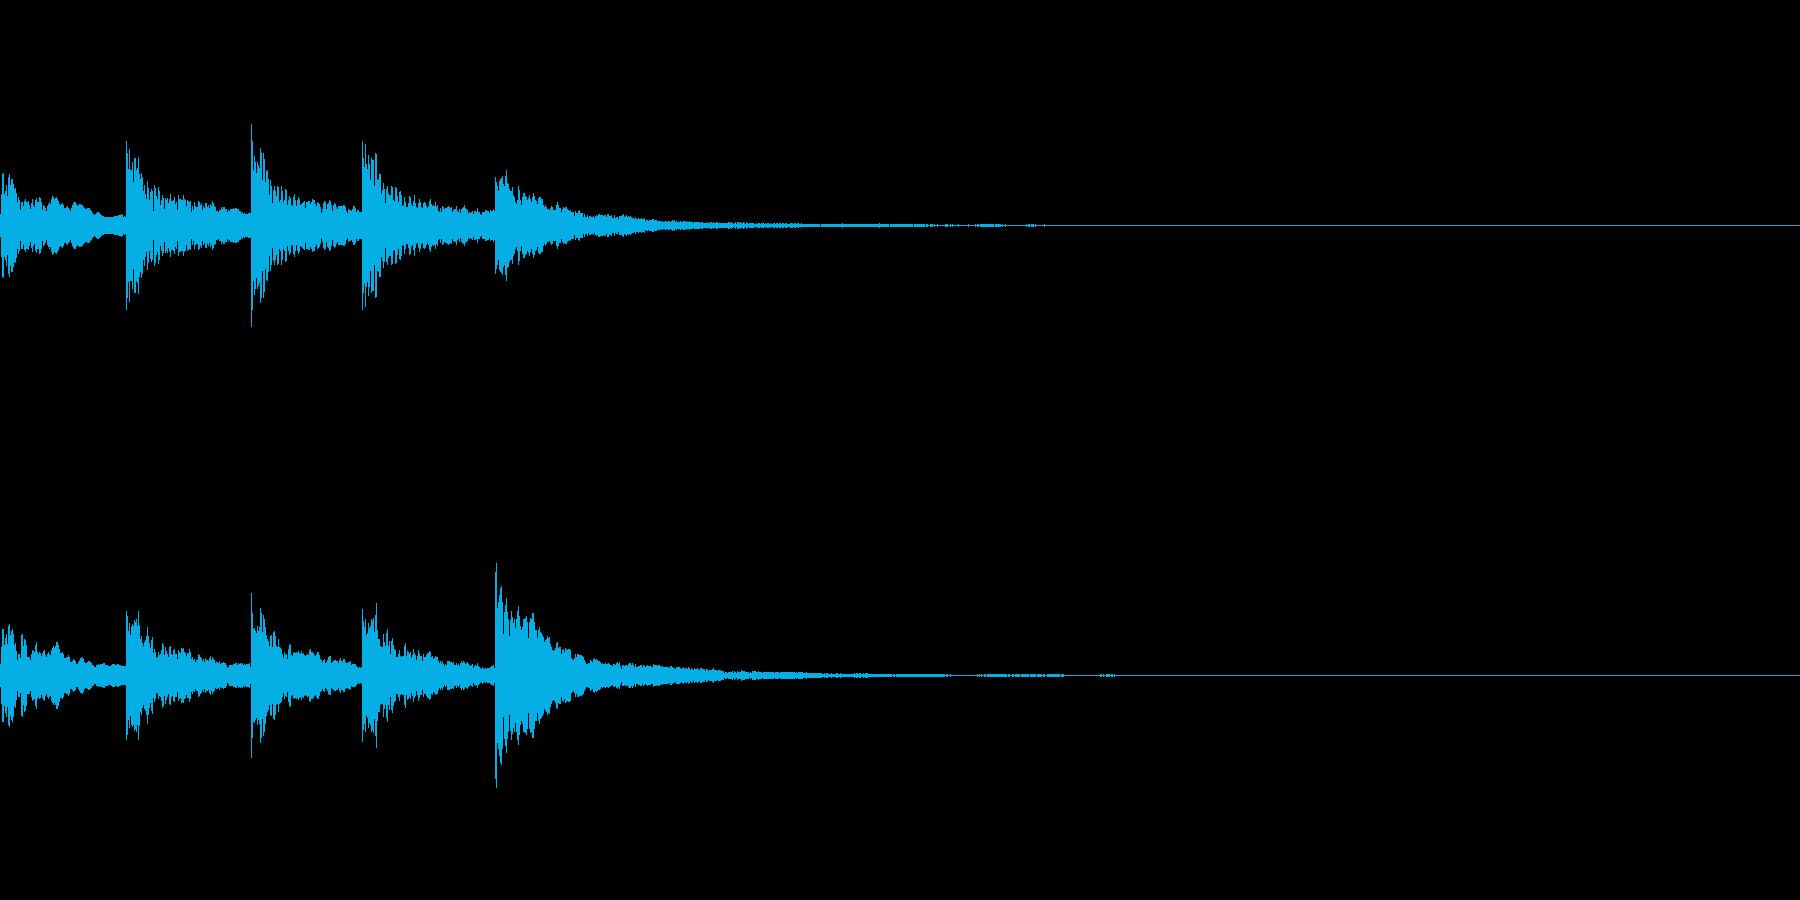 【SE 効果音】ティロティリロリンの再生済みの波形